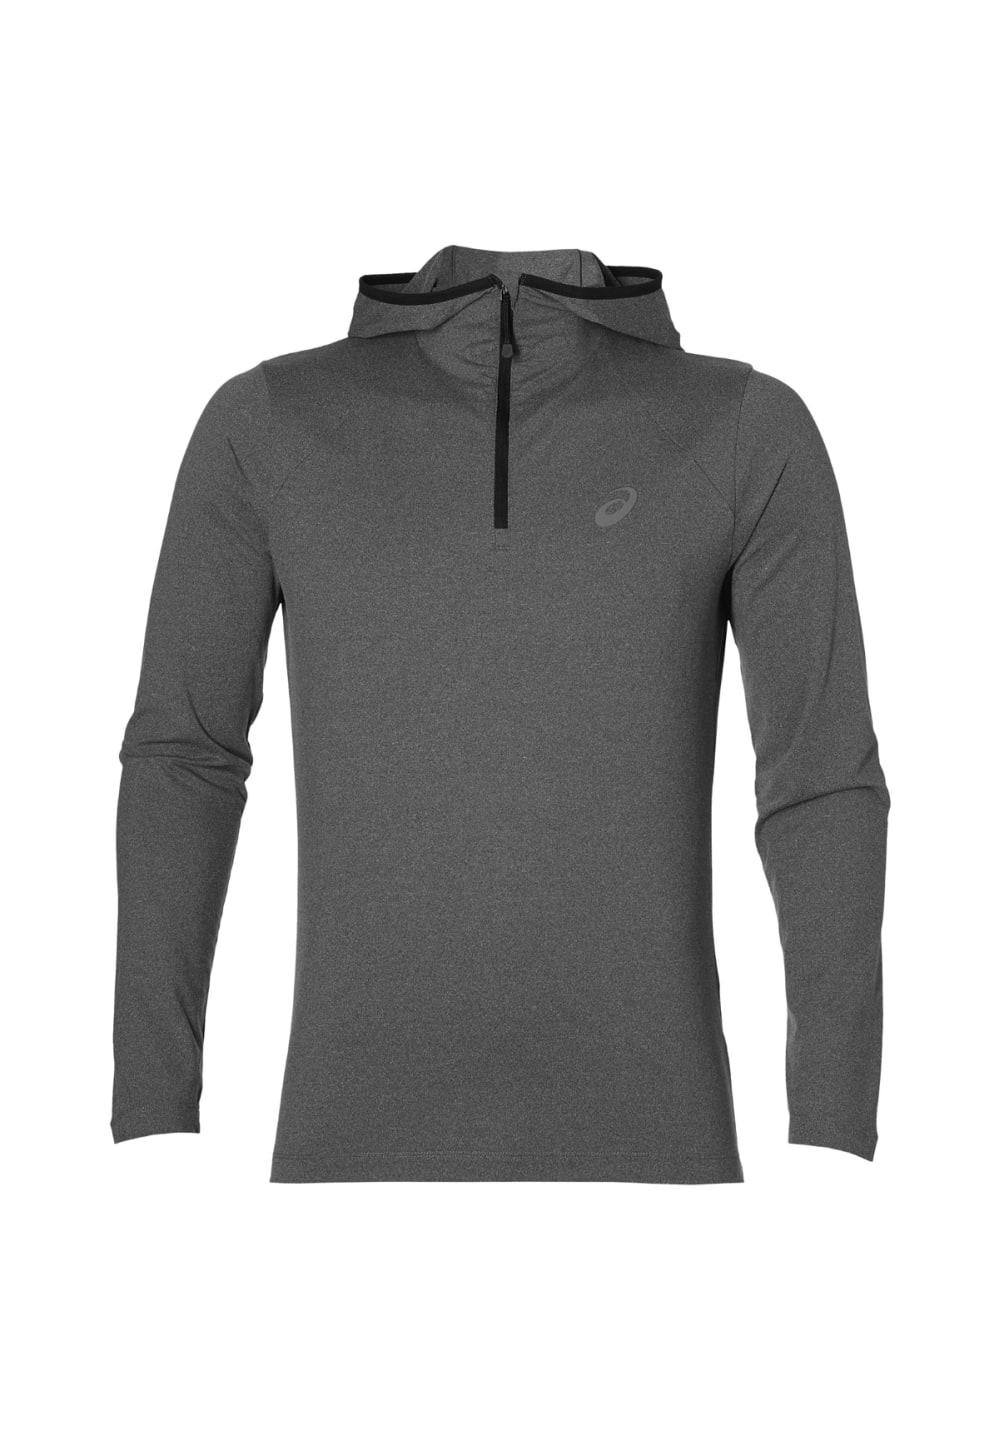 ASICS Long Sleeve Hoodie - Sweatshirts & Hoodies für Herren - Grau, Gr. XL